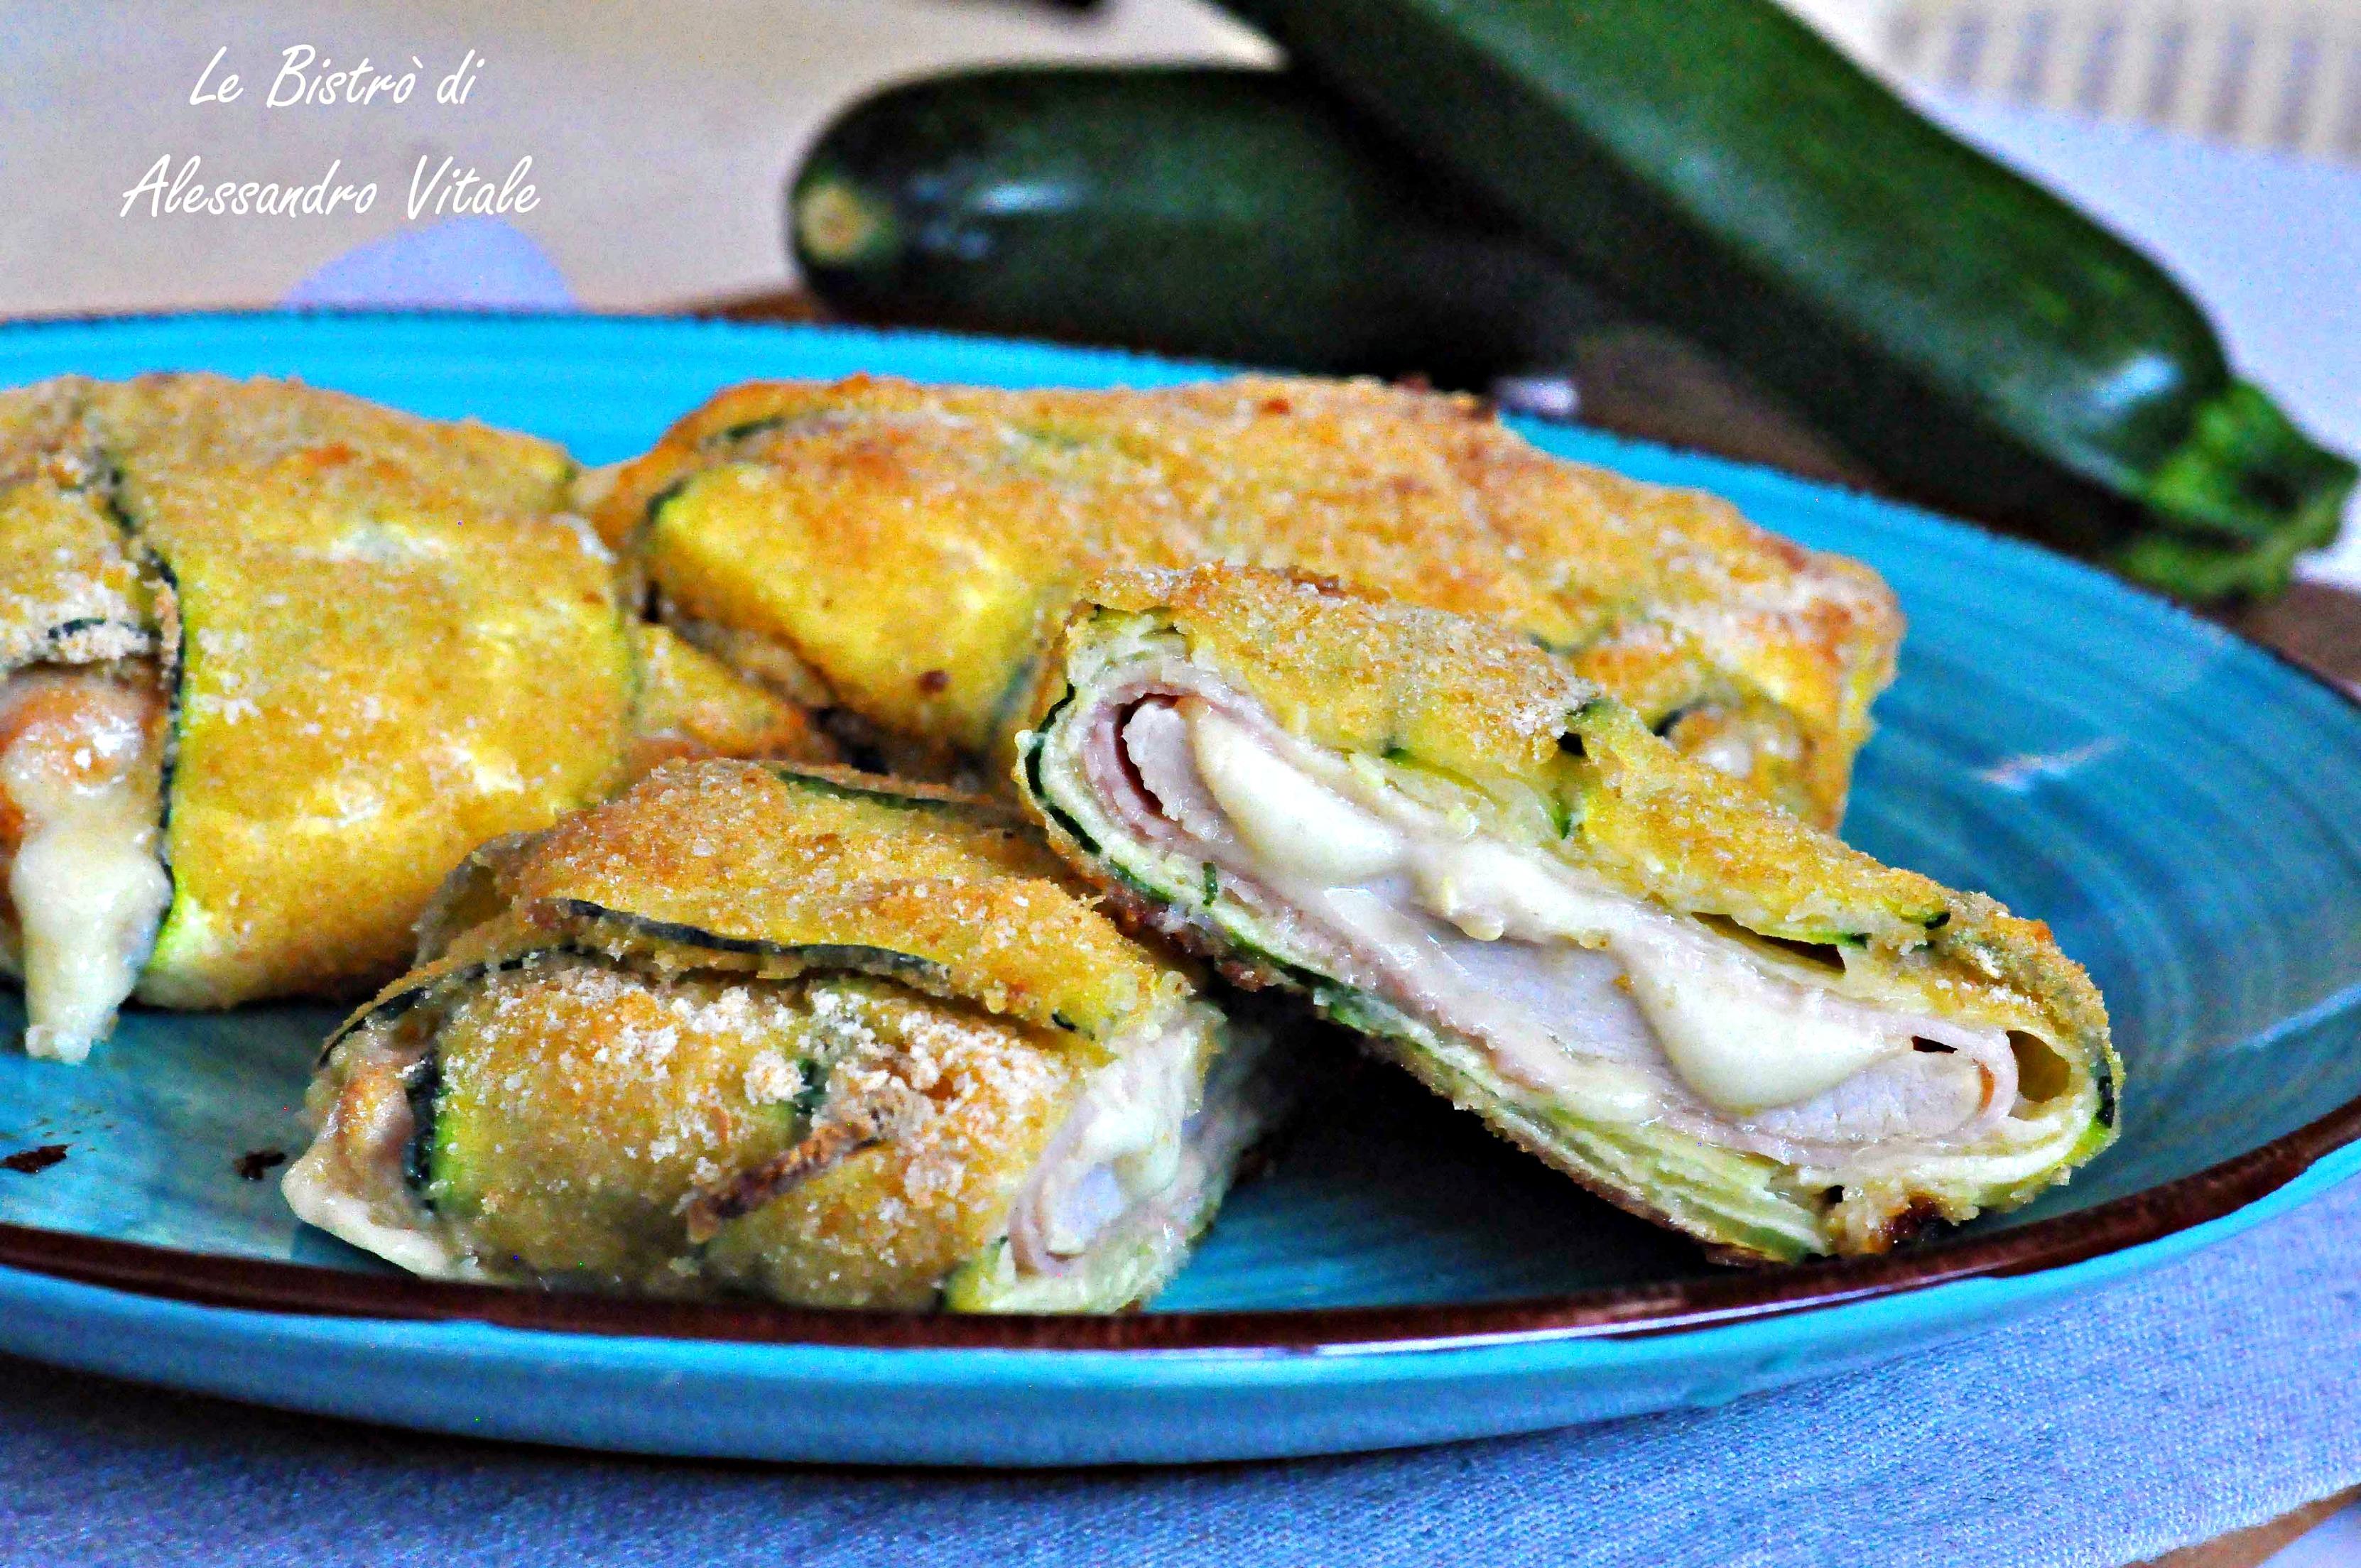 Involtini di pollo e zucchine, secondo piatto